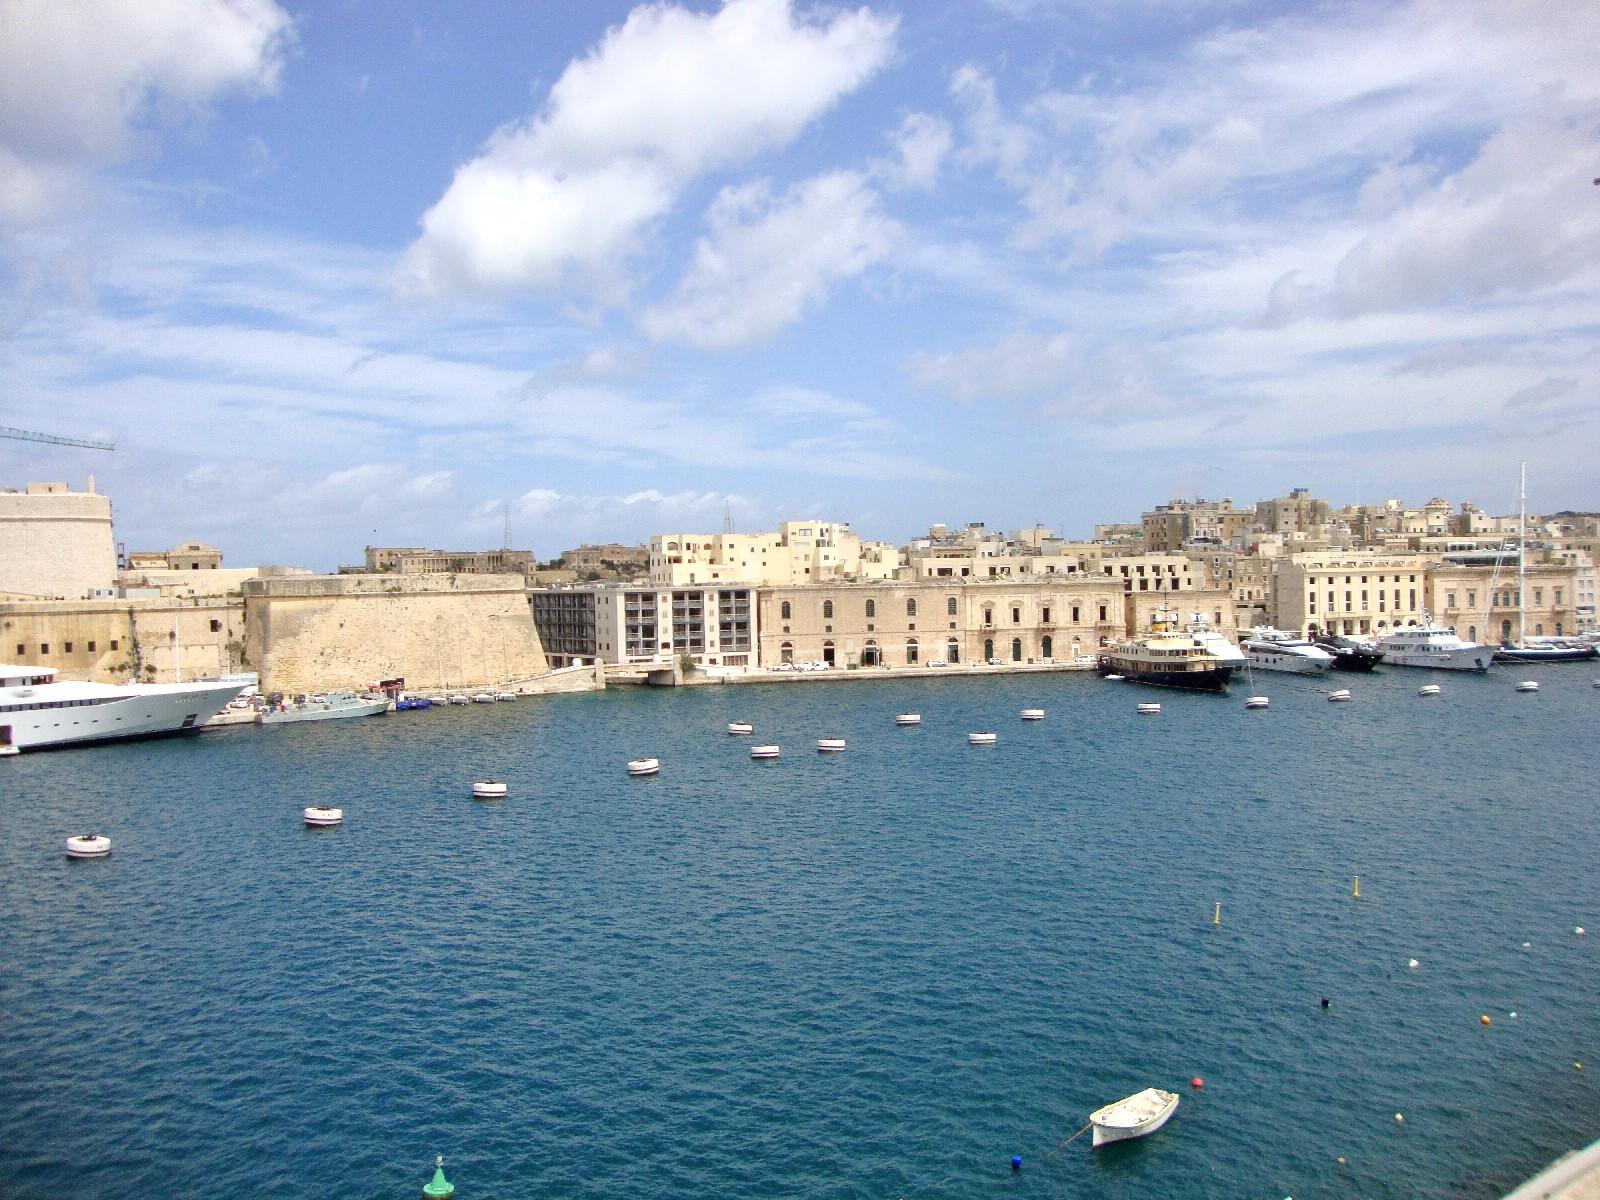 Malta Property for sale in Malta, Senglea